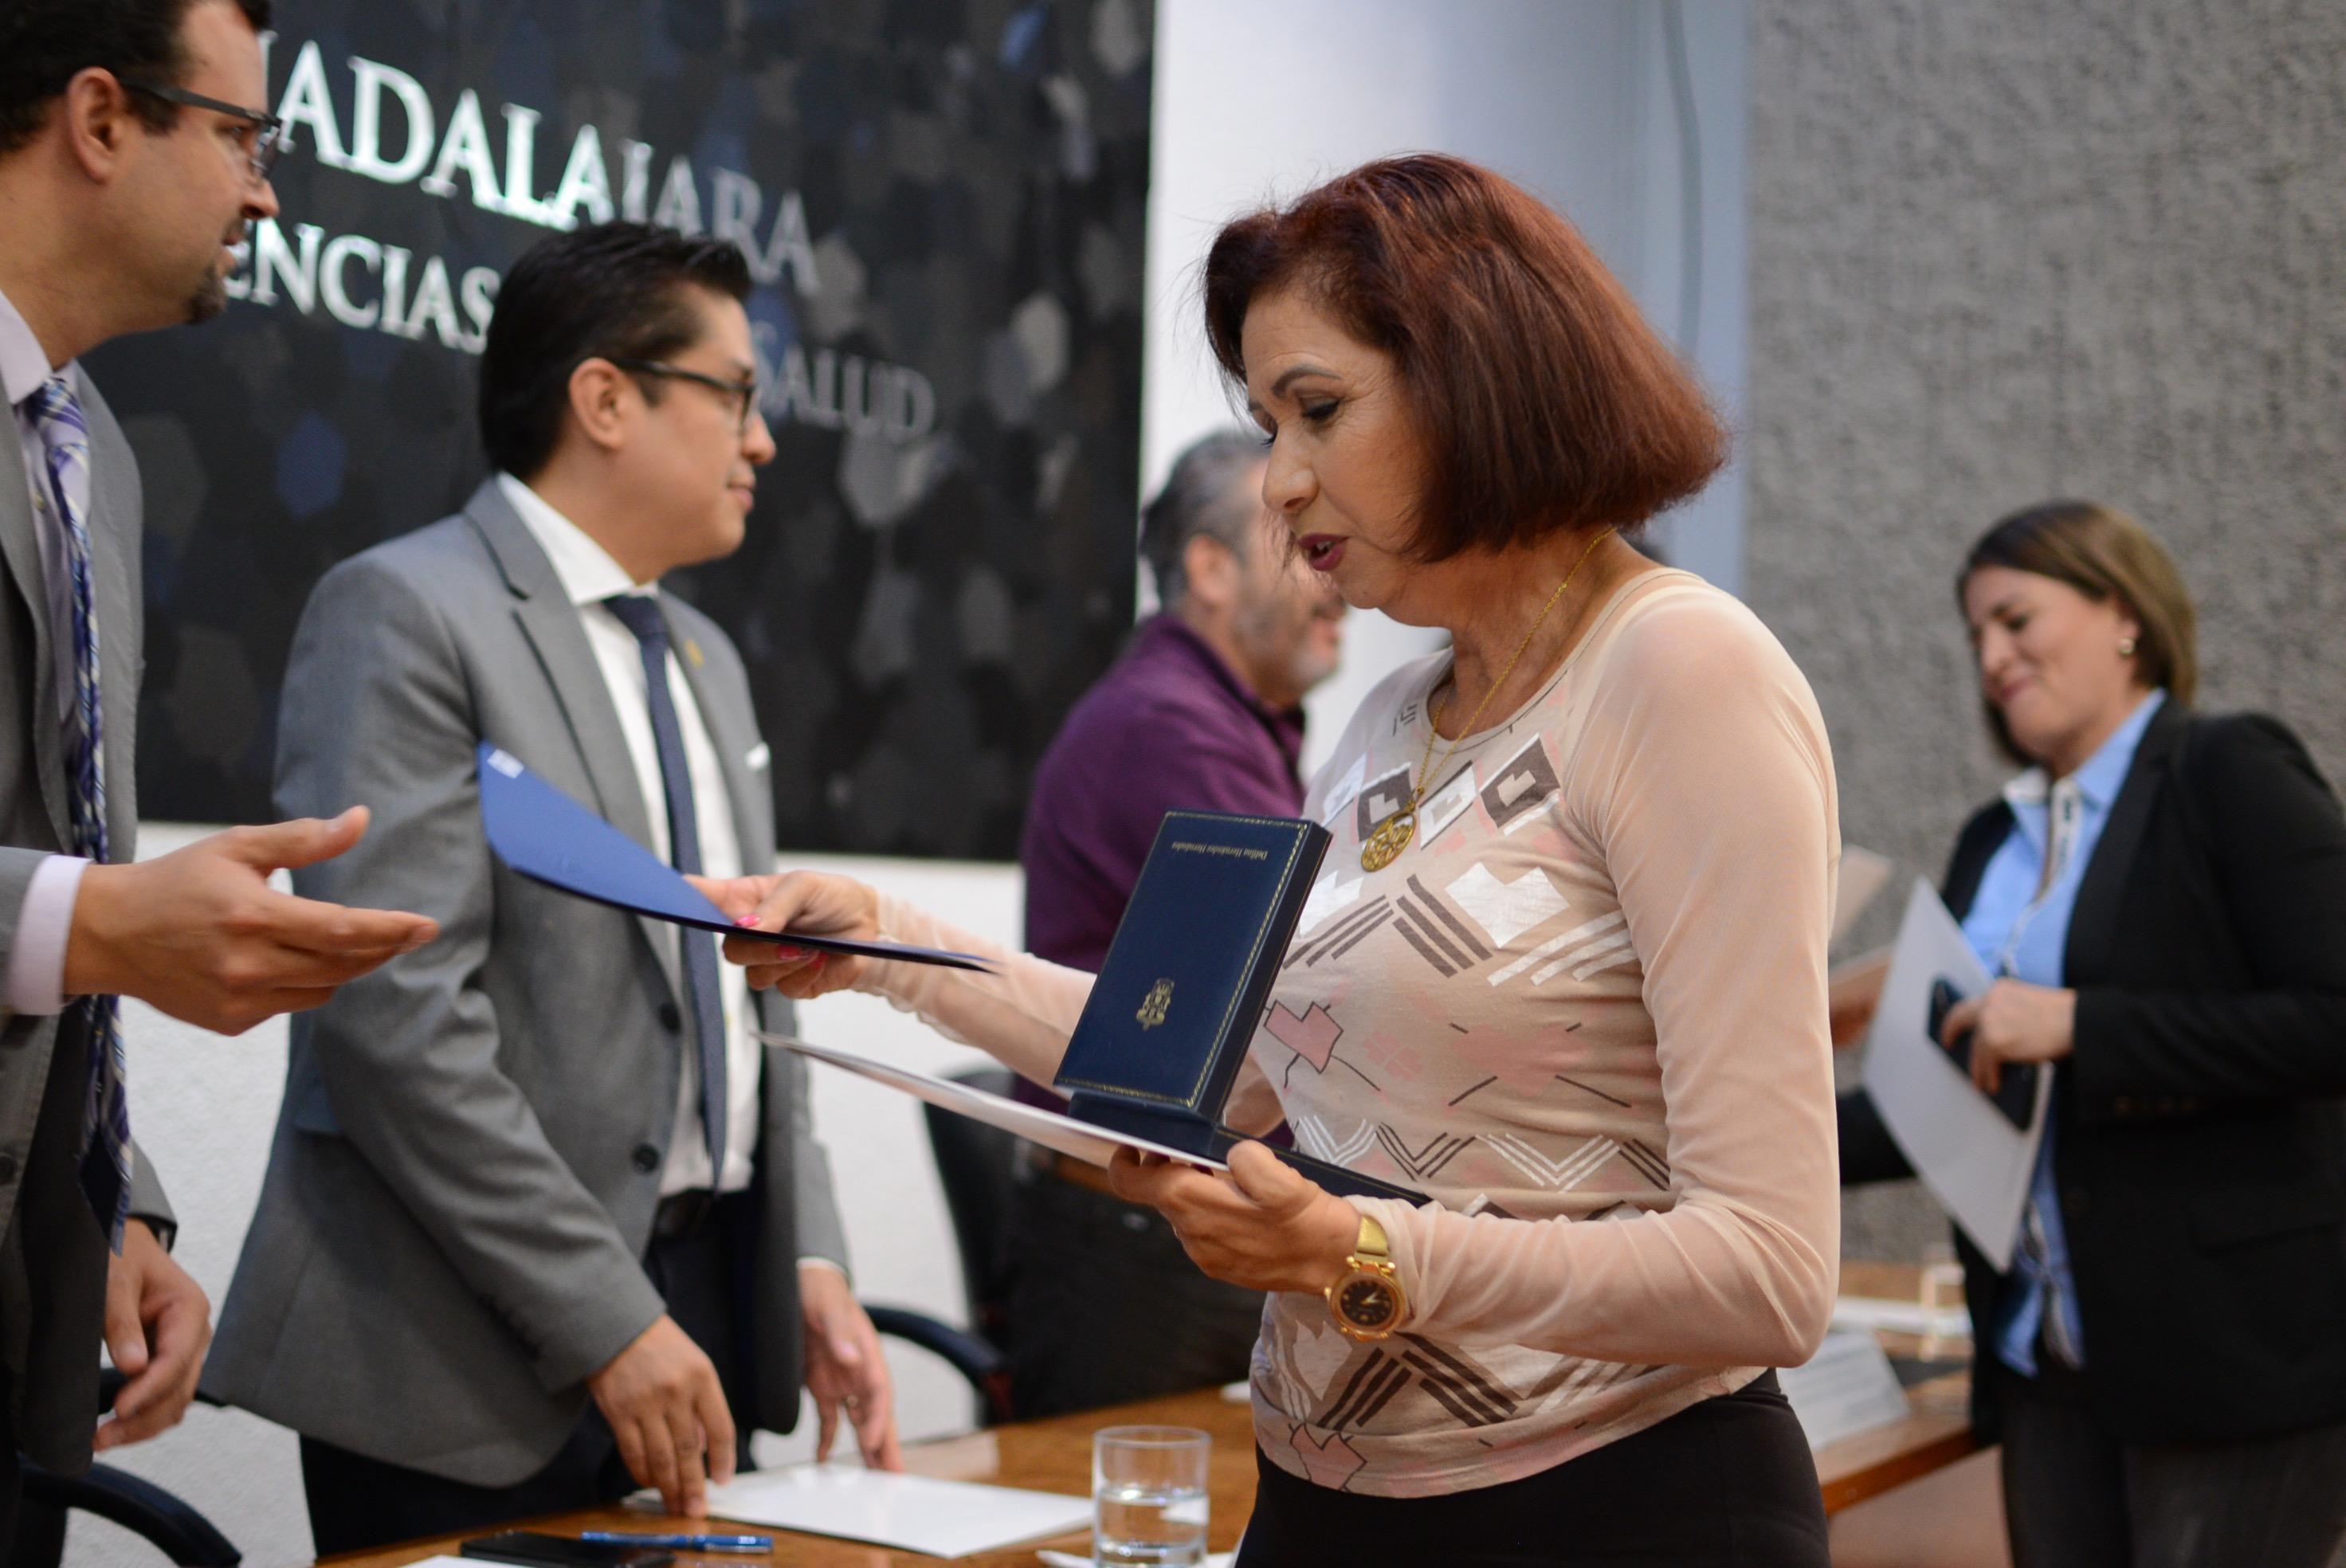 Trabajadora administrativa de CUCS recibiendo reconocimiento